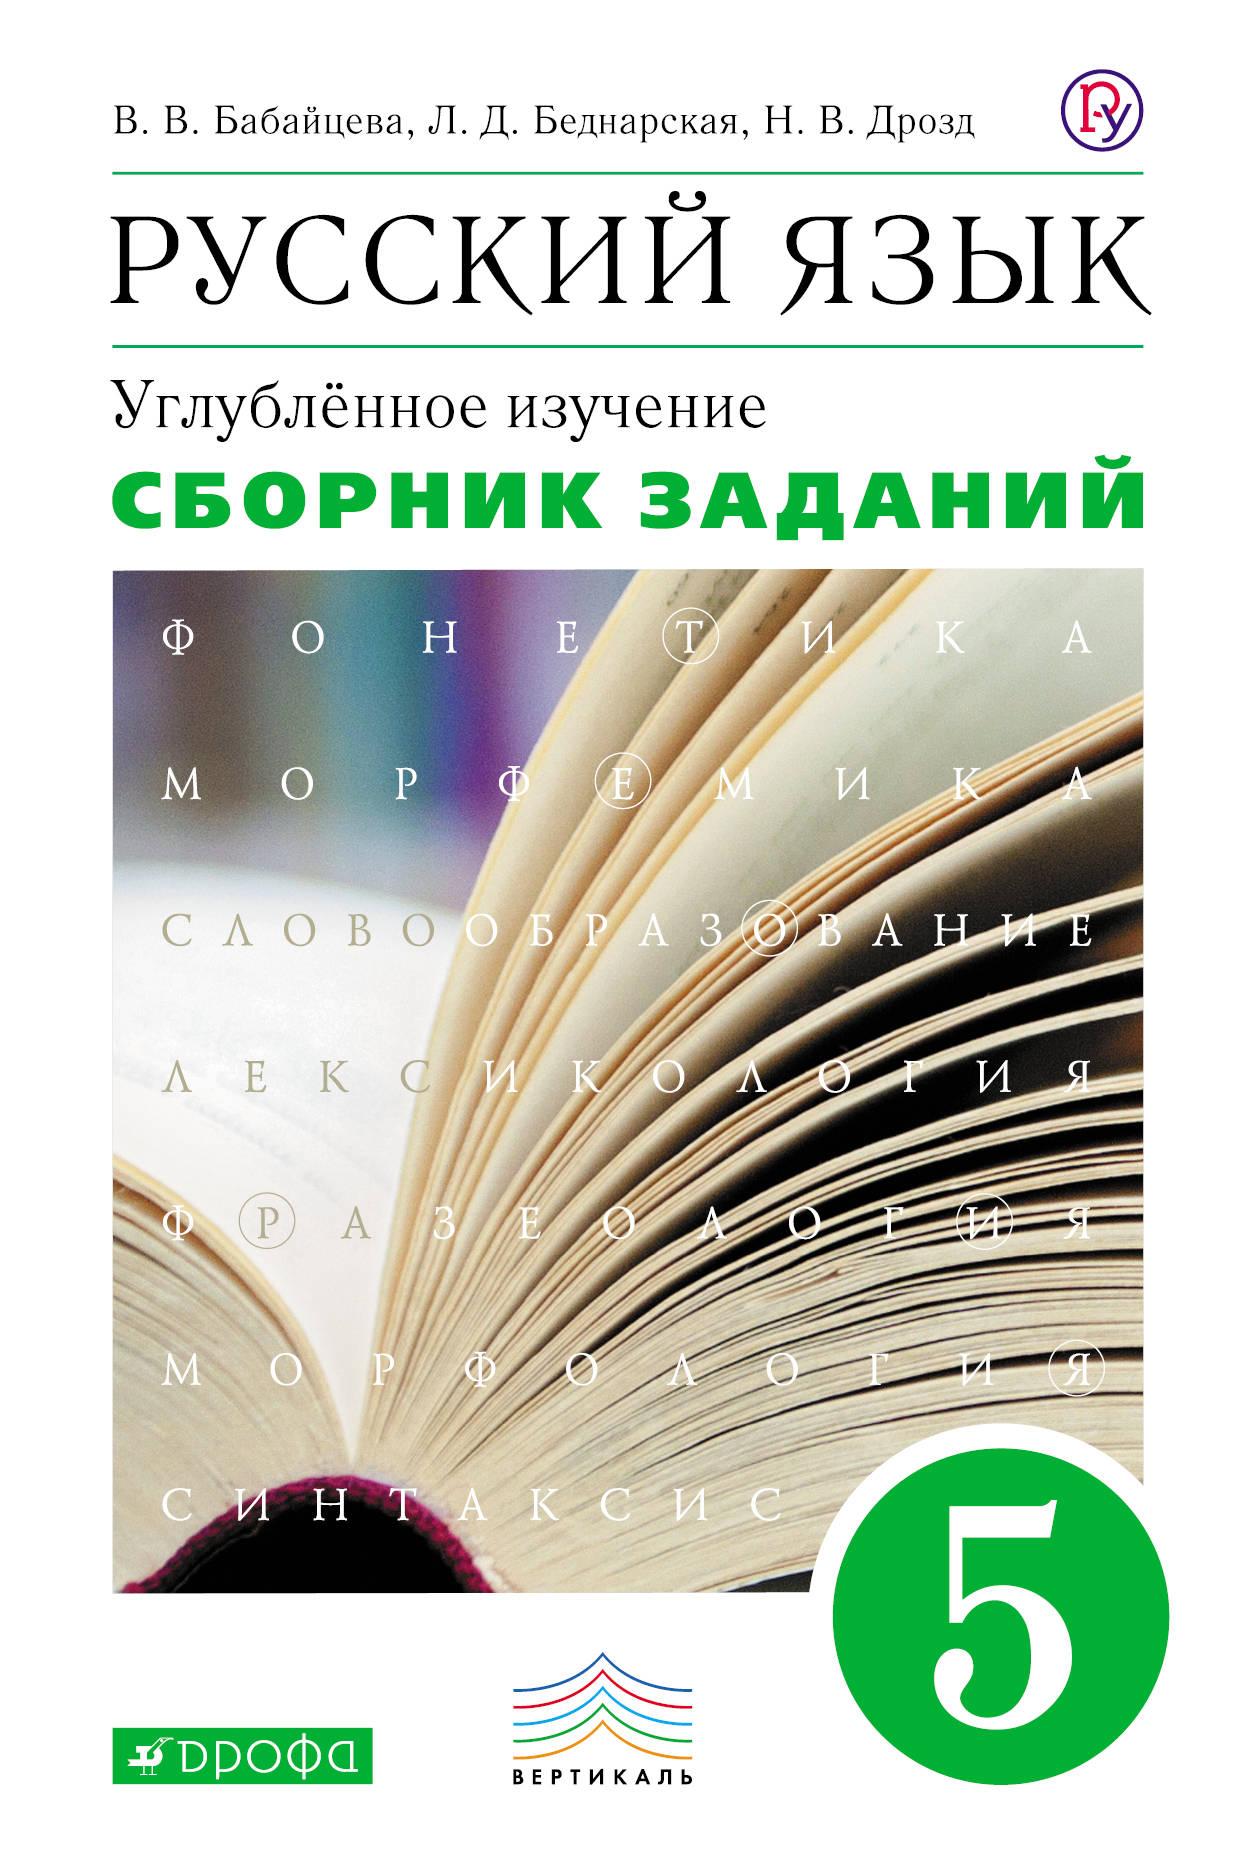 Гдз по русскому 5 класс бабайцева сборник онлайн решебник комплект.